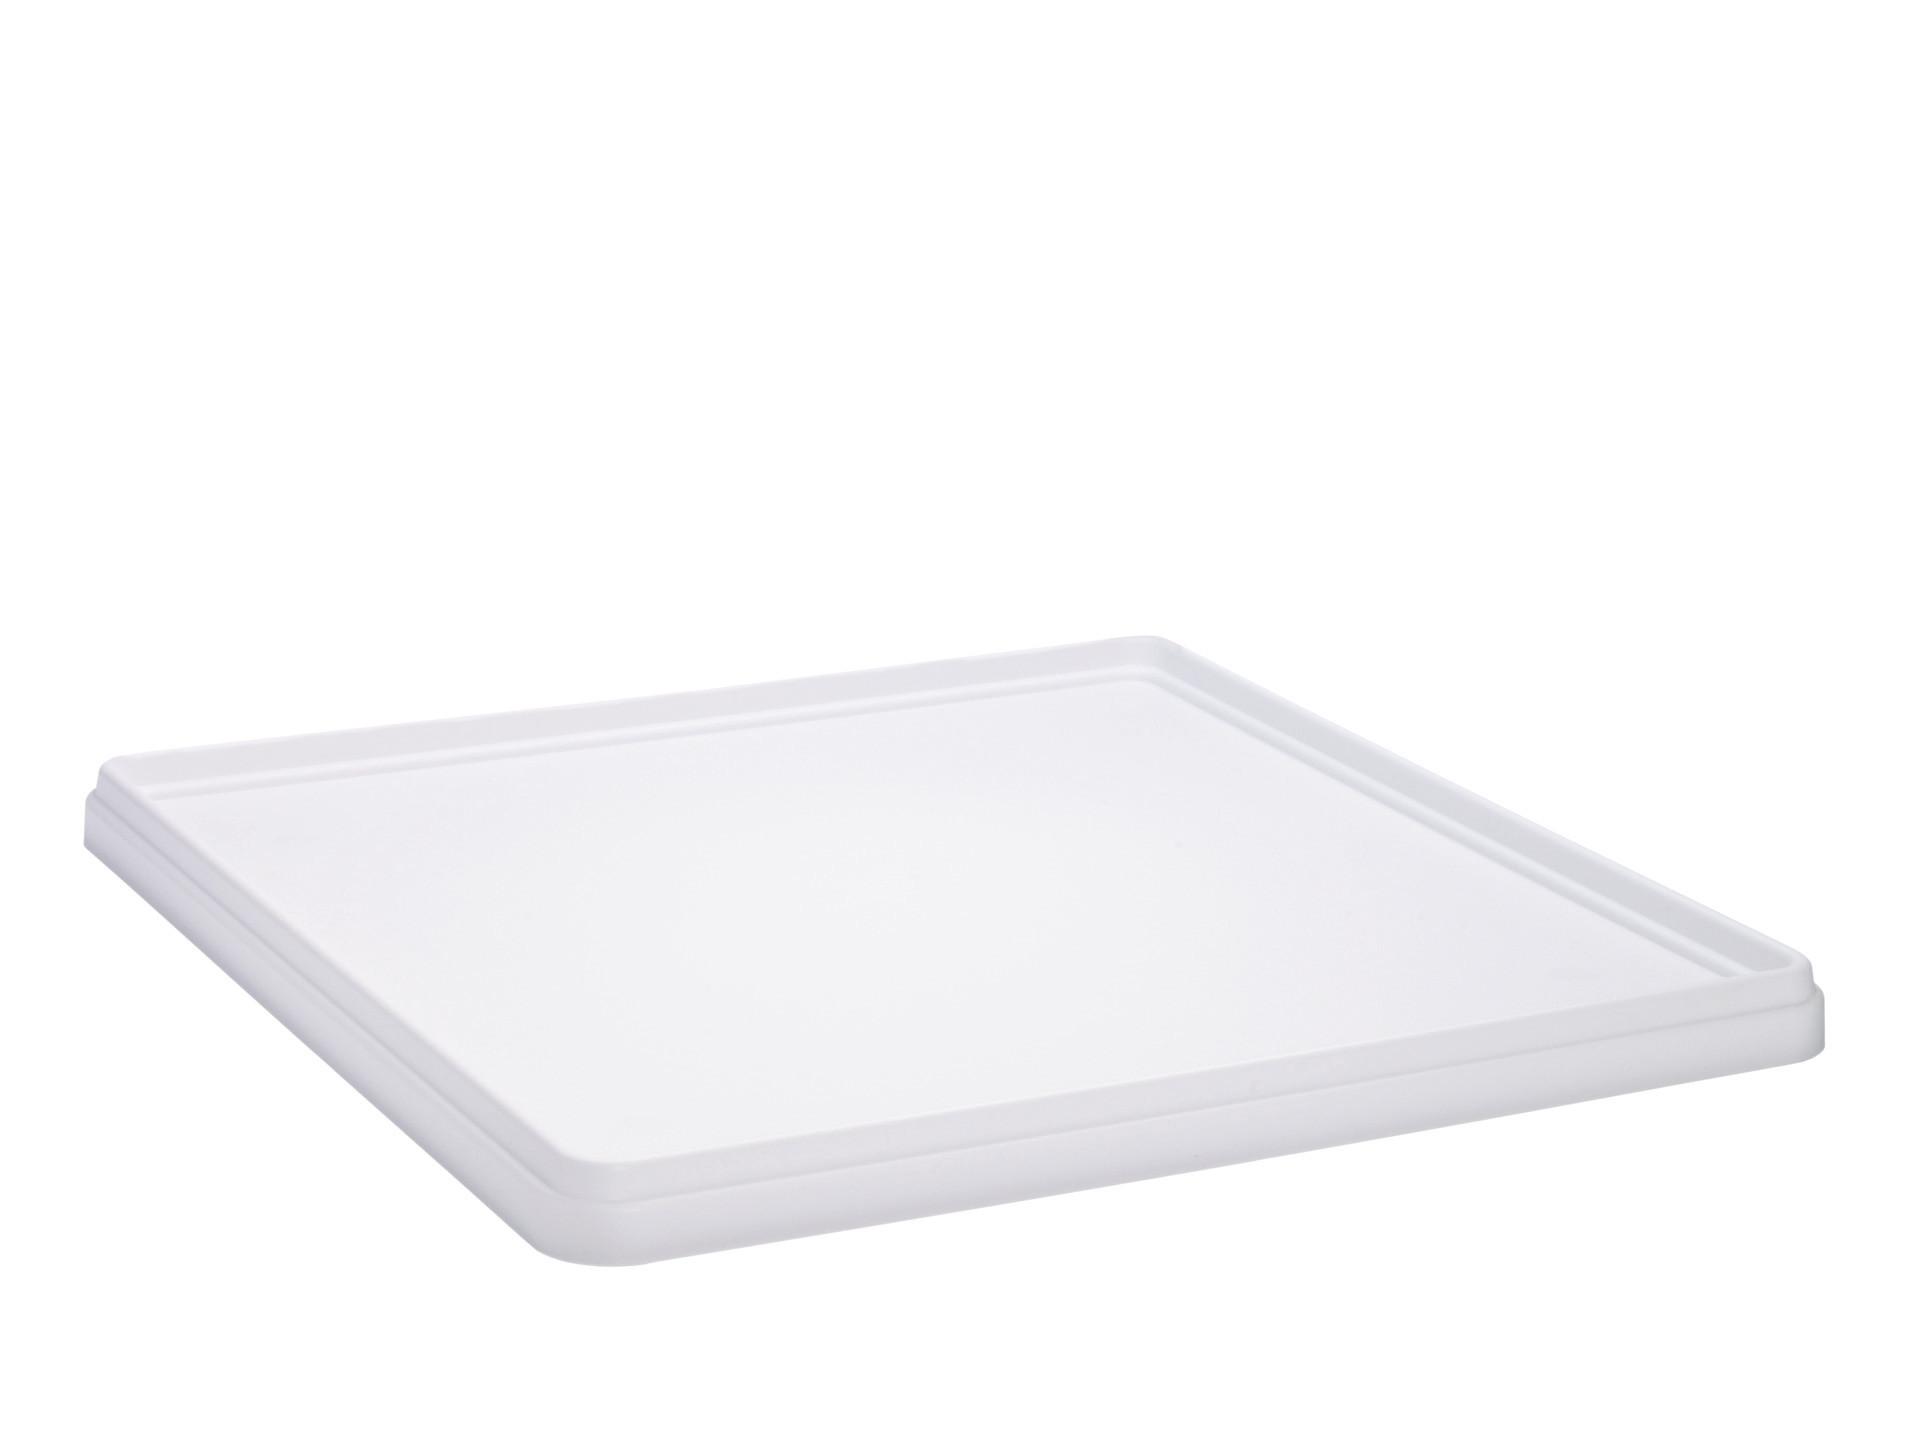 Deckel für Spülkörbe 500 x 500 mm